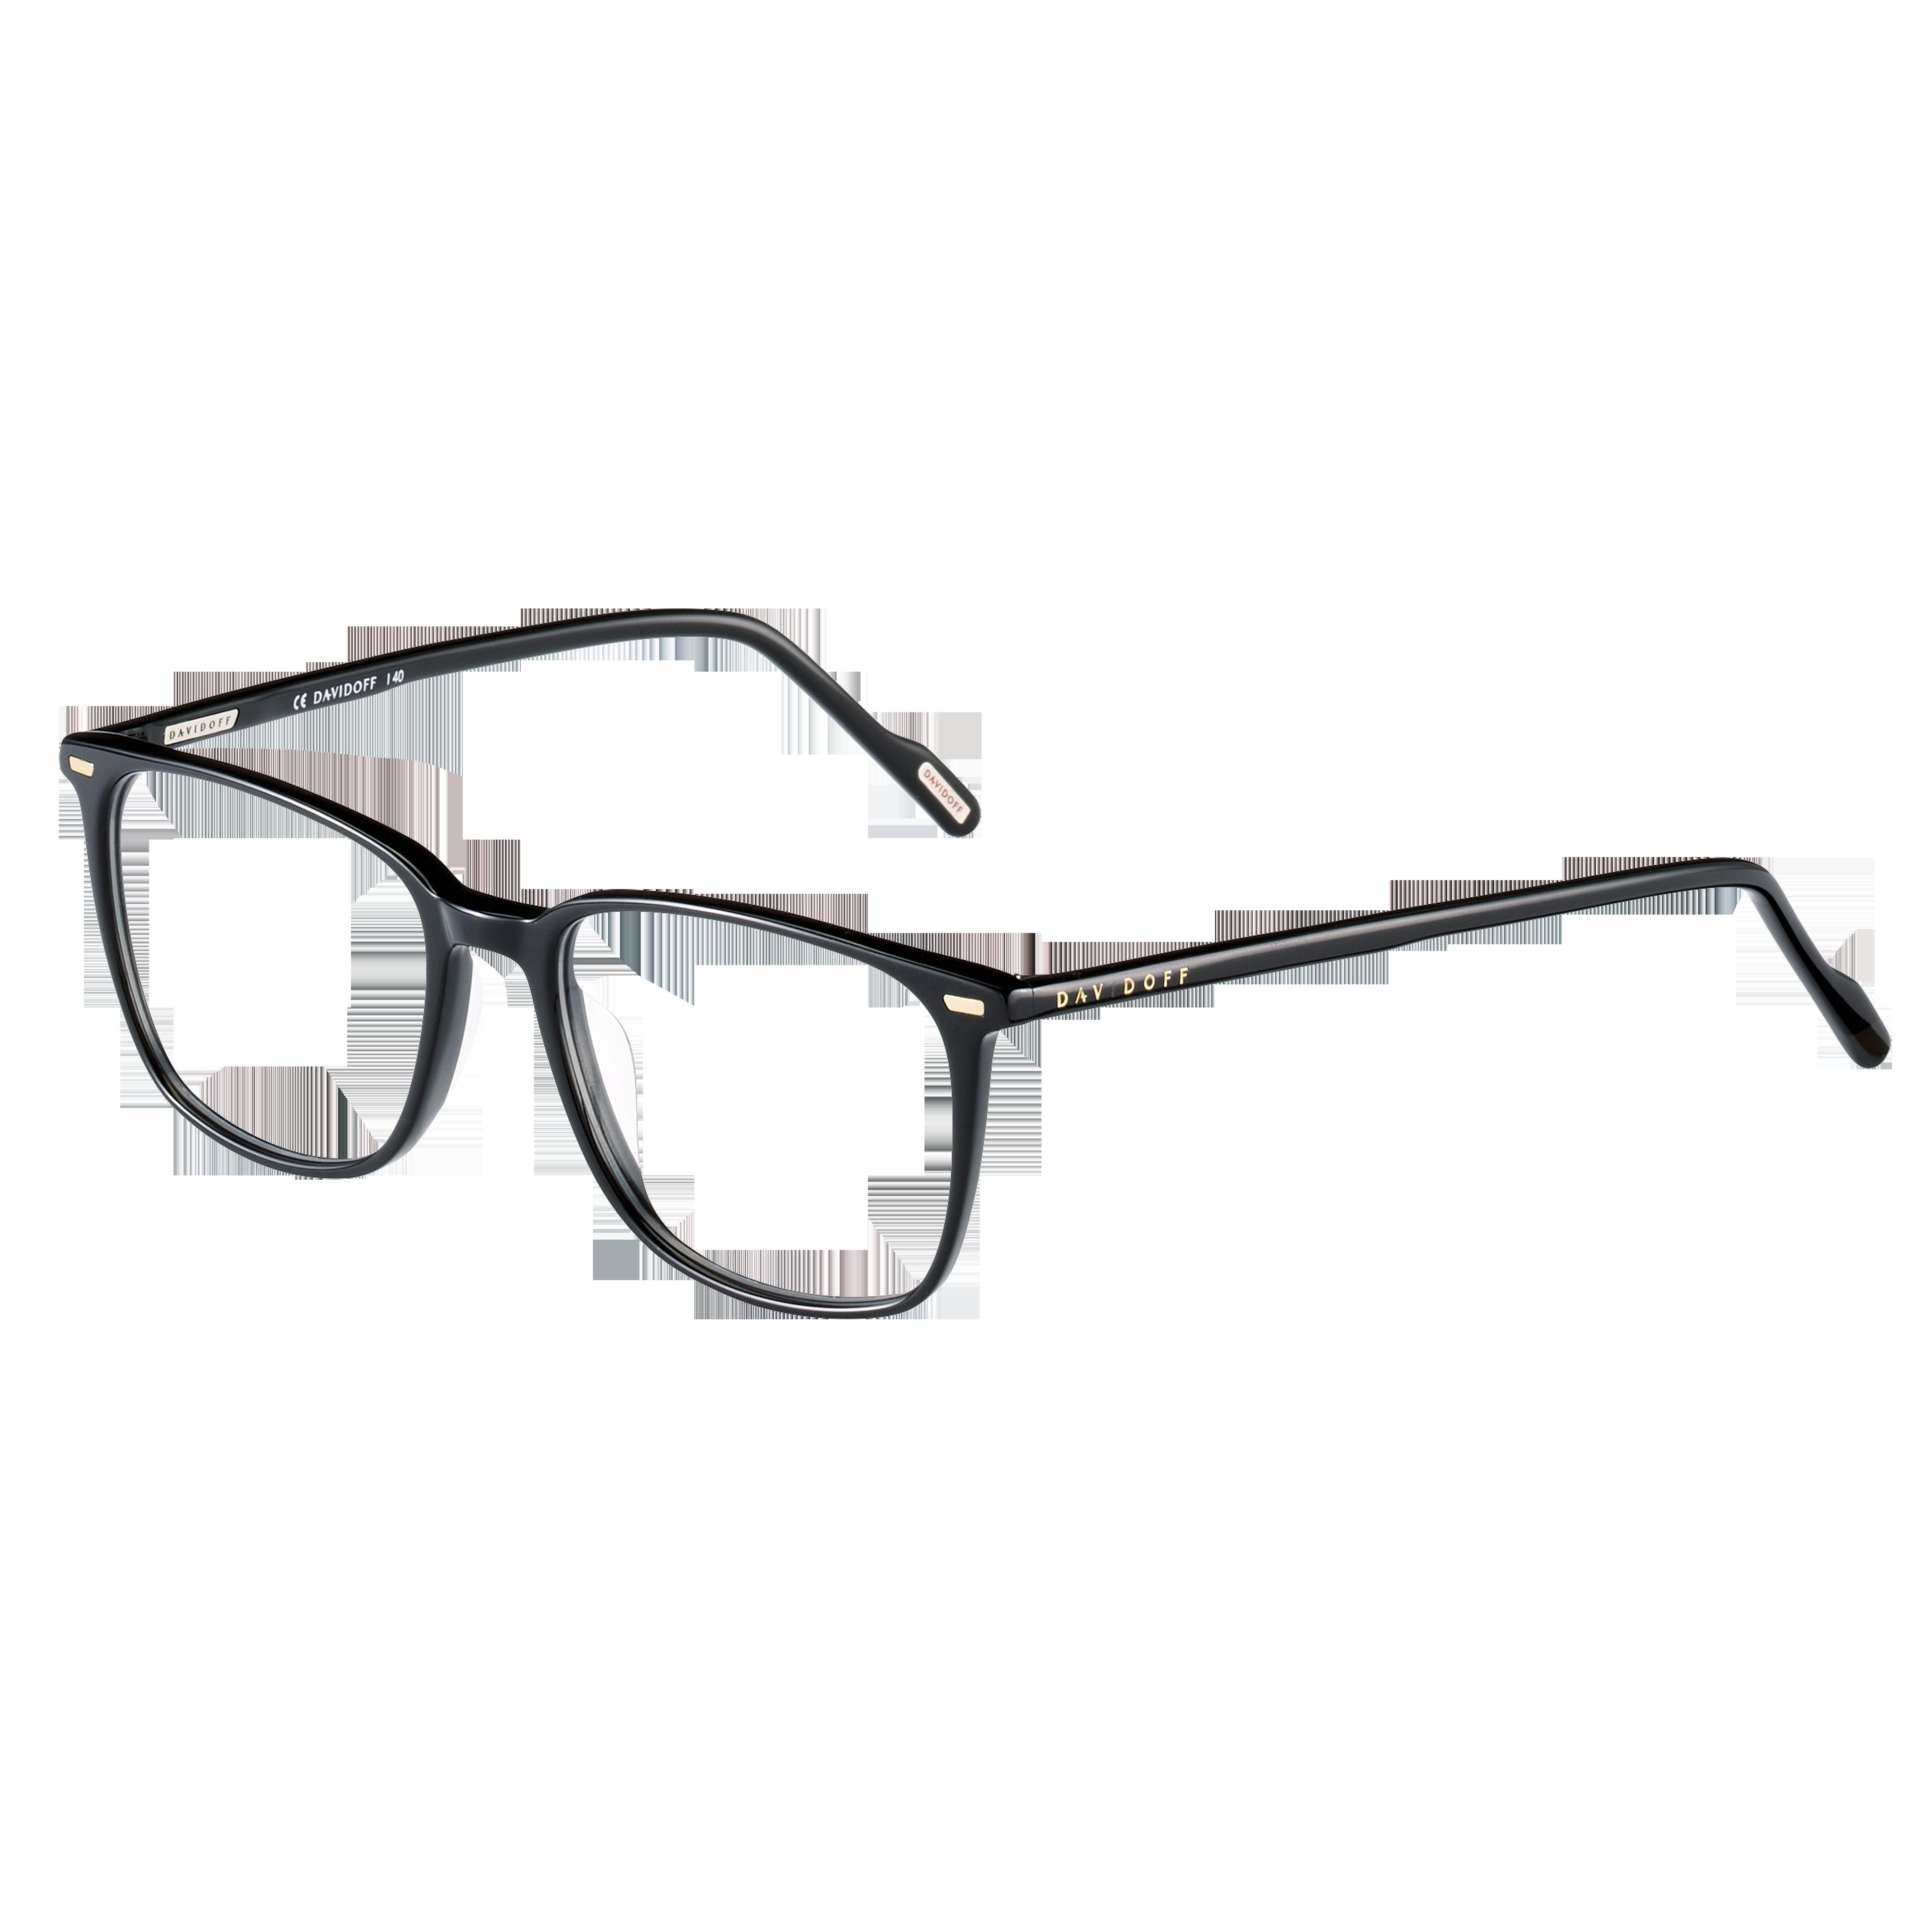 Optical frame – Mod. 91074 color ref. 8840